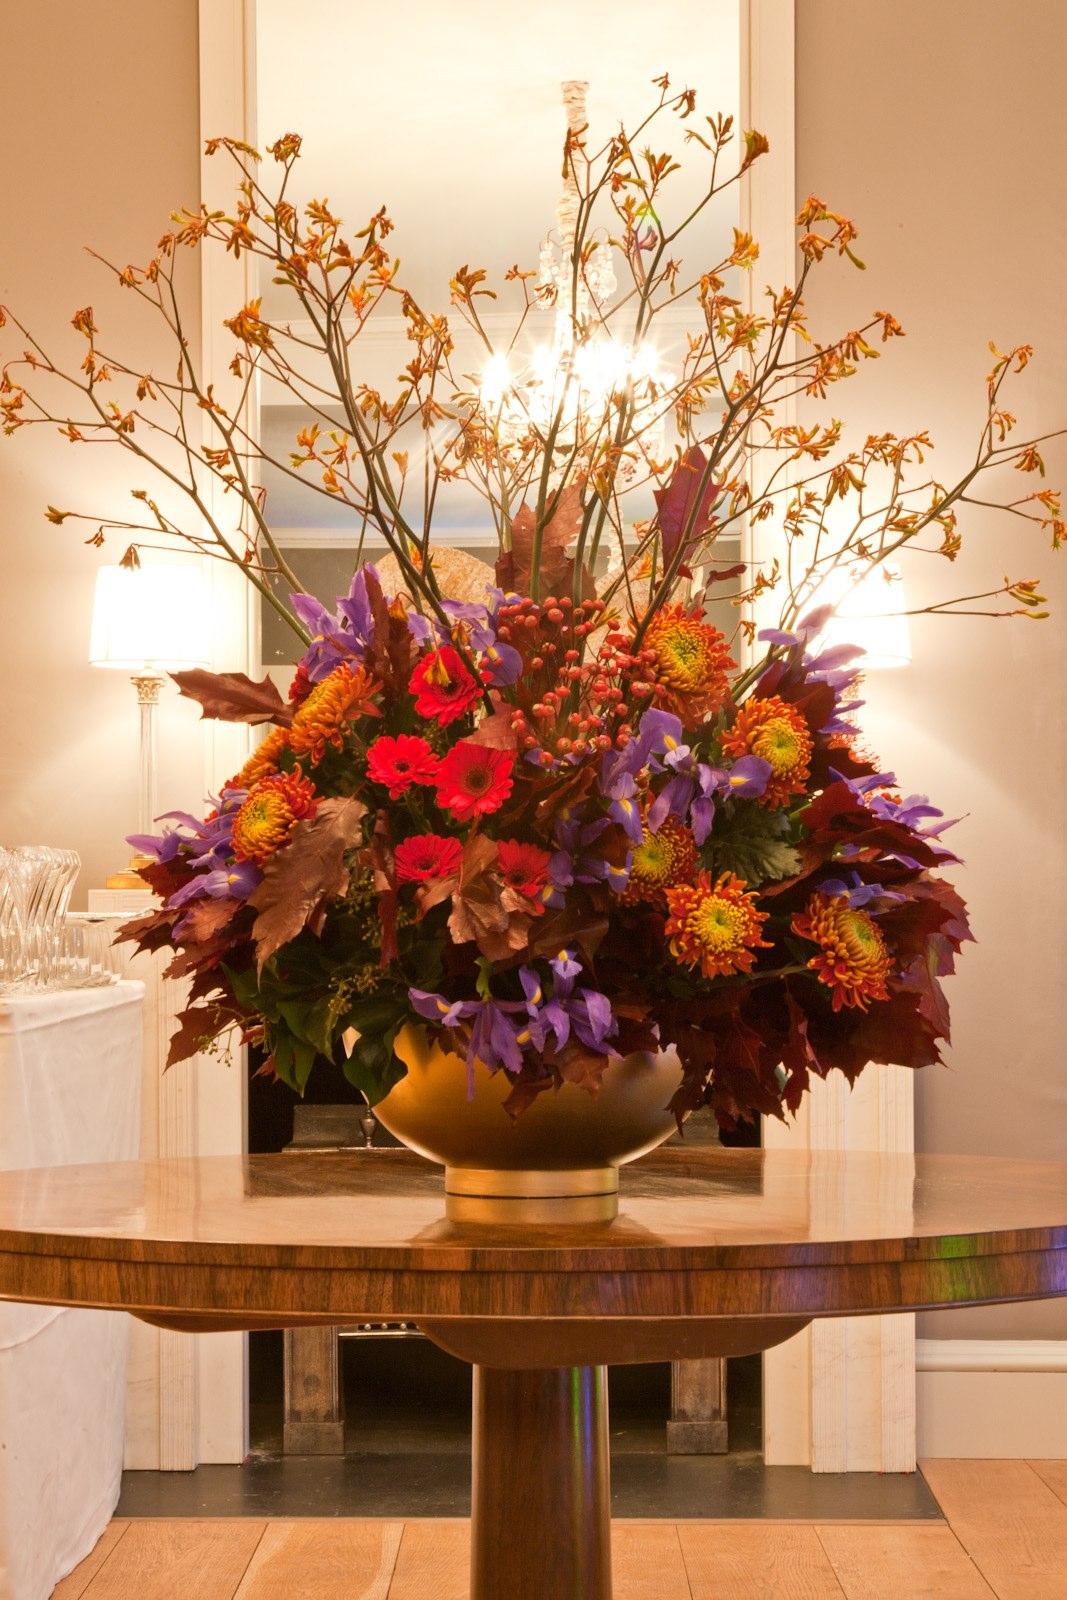 Caxton Manor Events Décor and Floral Arrangements